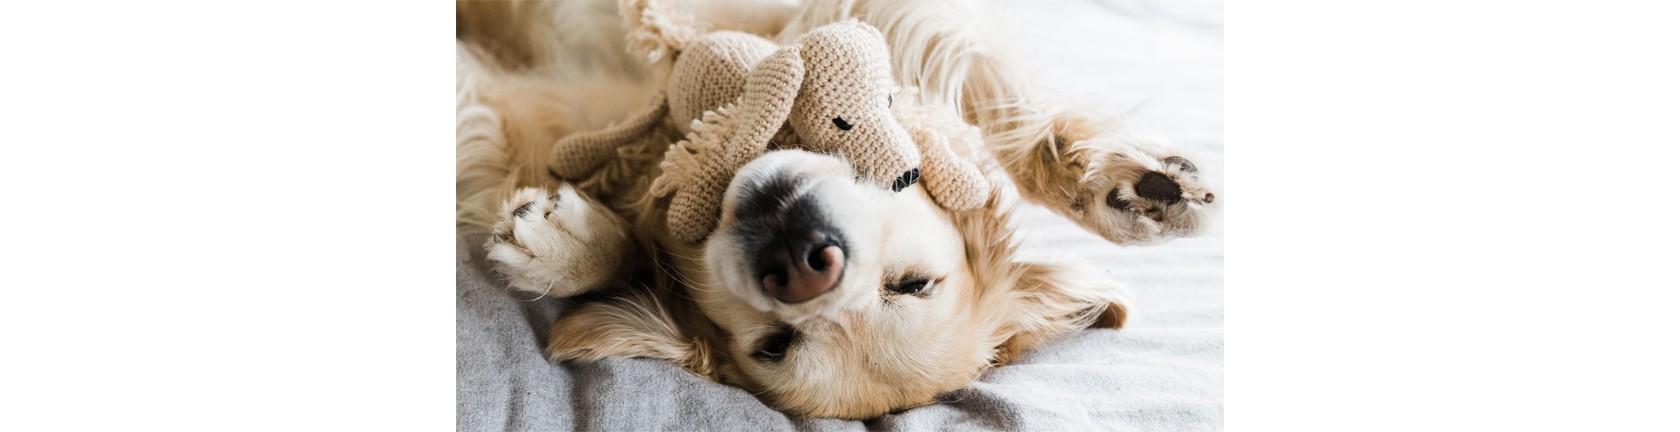 Ein Labrador entspannt auf dem Rücken, auf seinem Hals liegt ein Plüschhund.